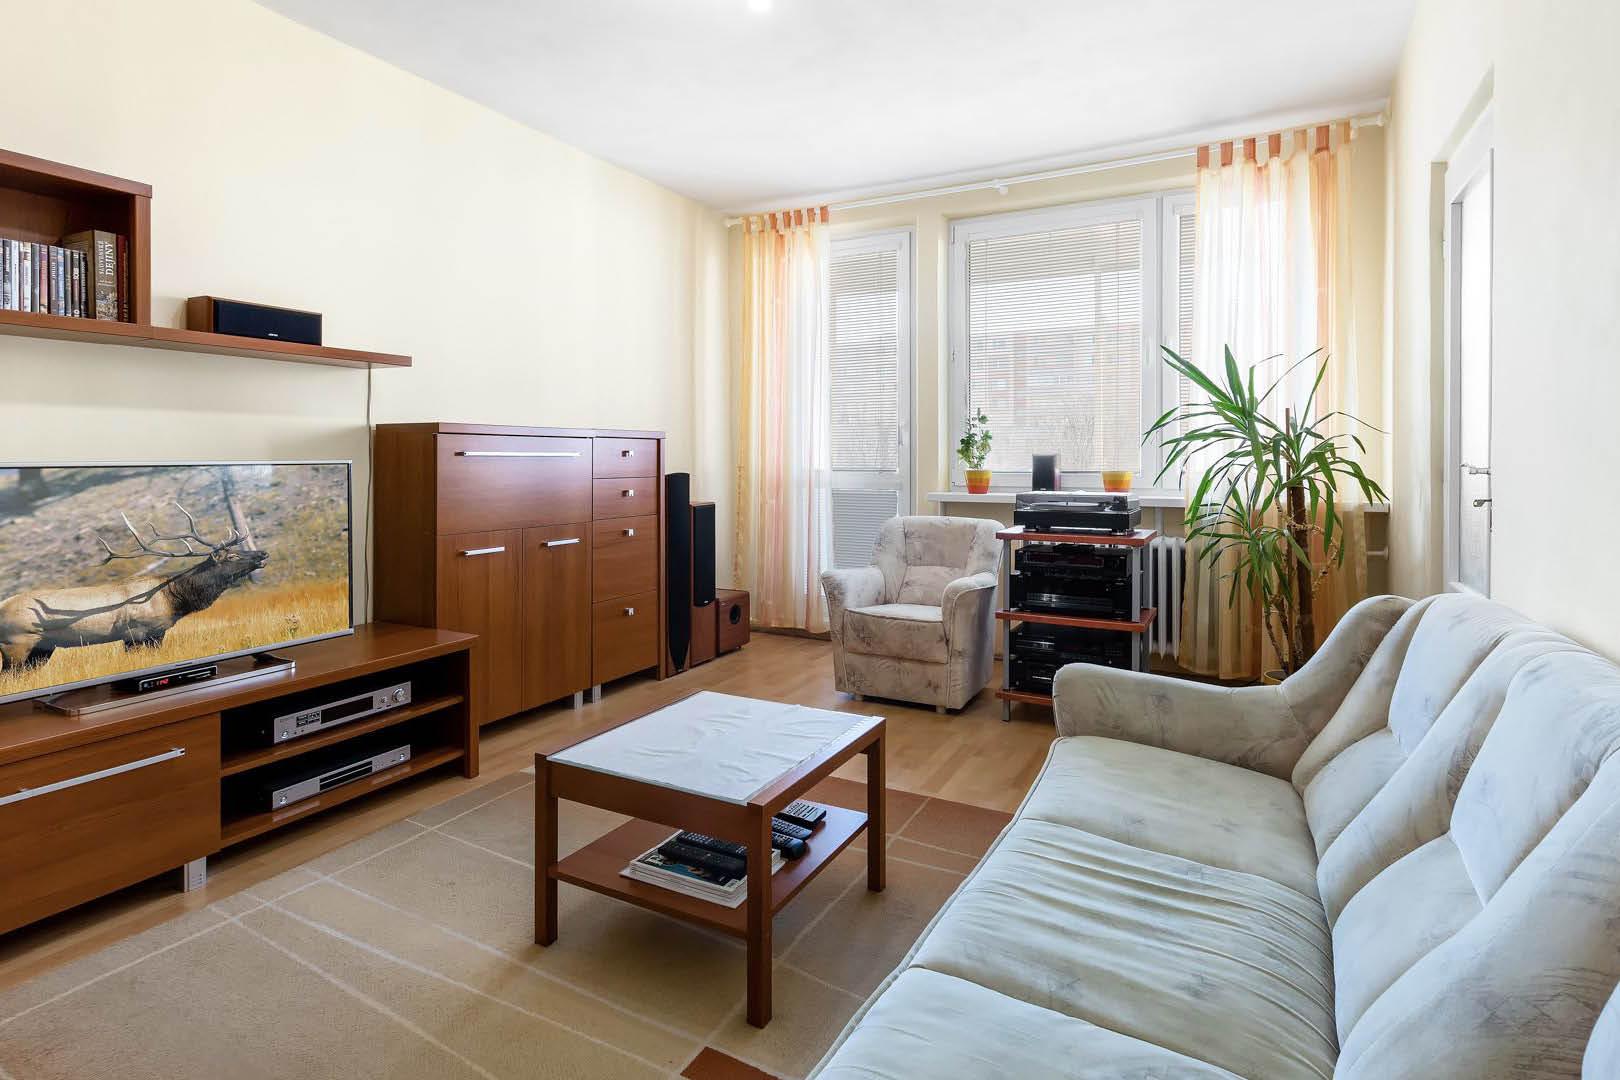 PREDANÉ | 3 izbový byt | Karloveská, Bratislava